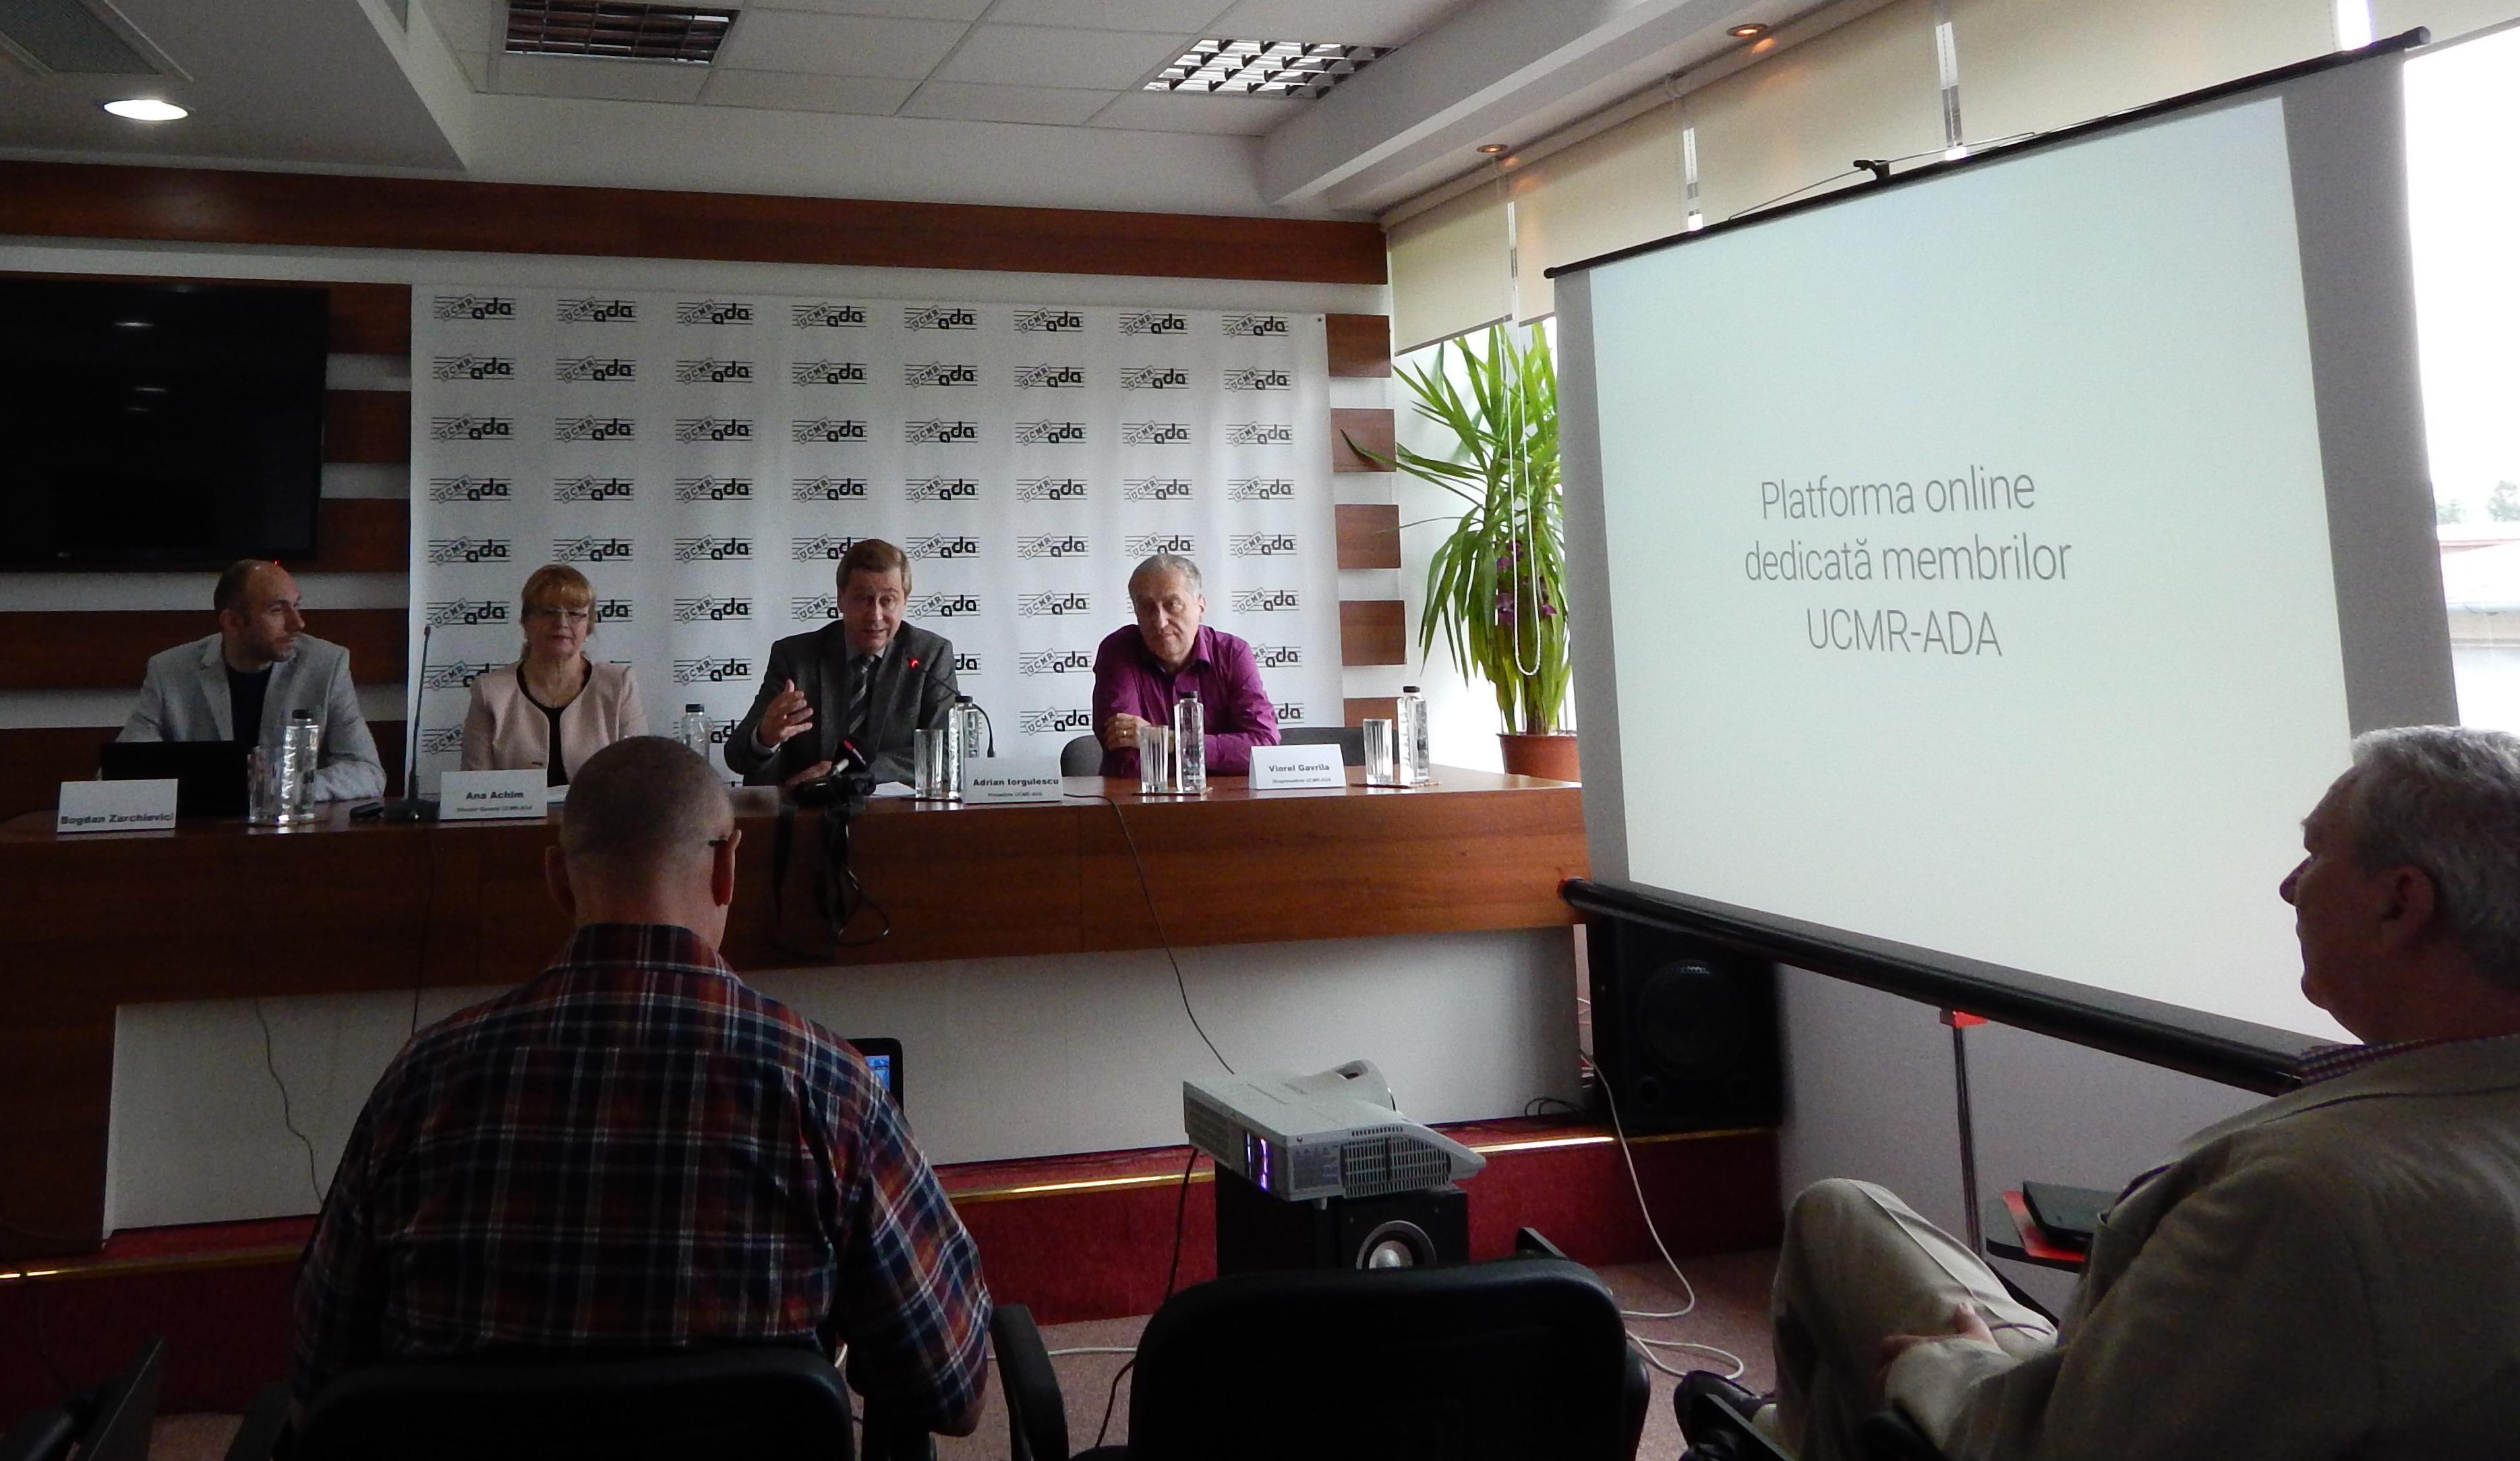 Conferinta UCMR-ADA - Lansare platforma online pentru membrii 2